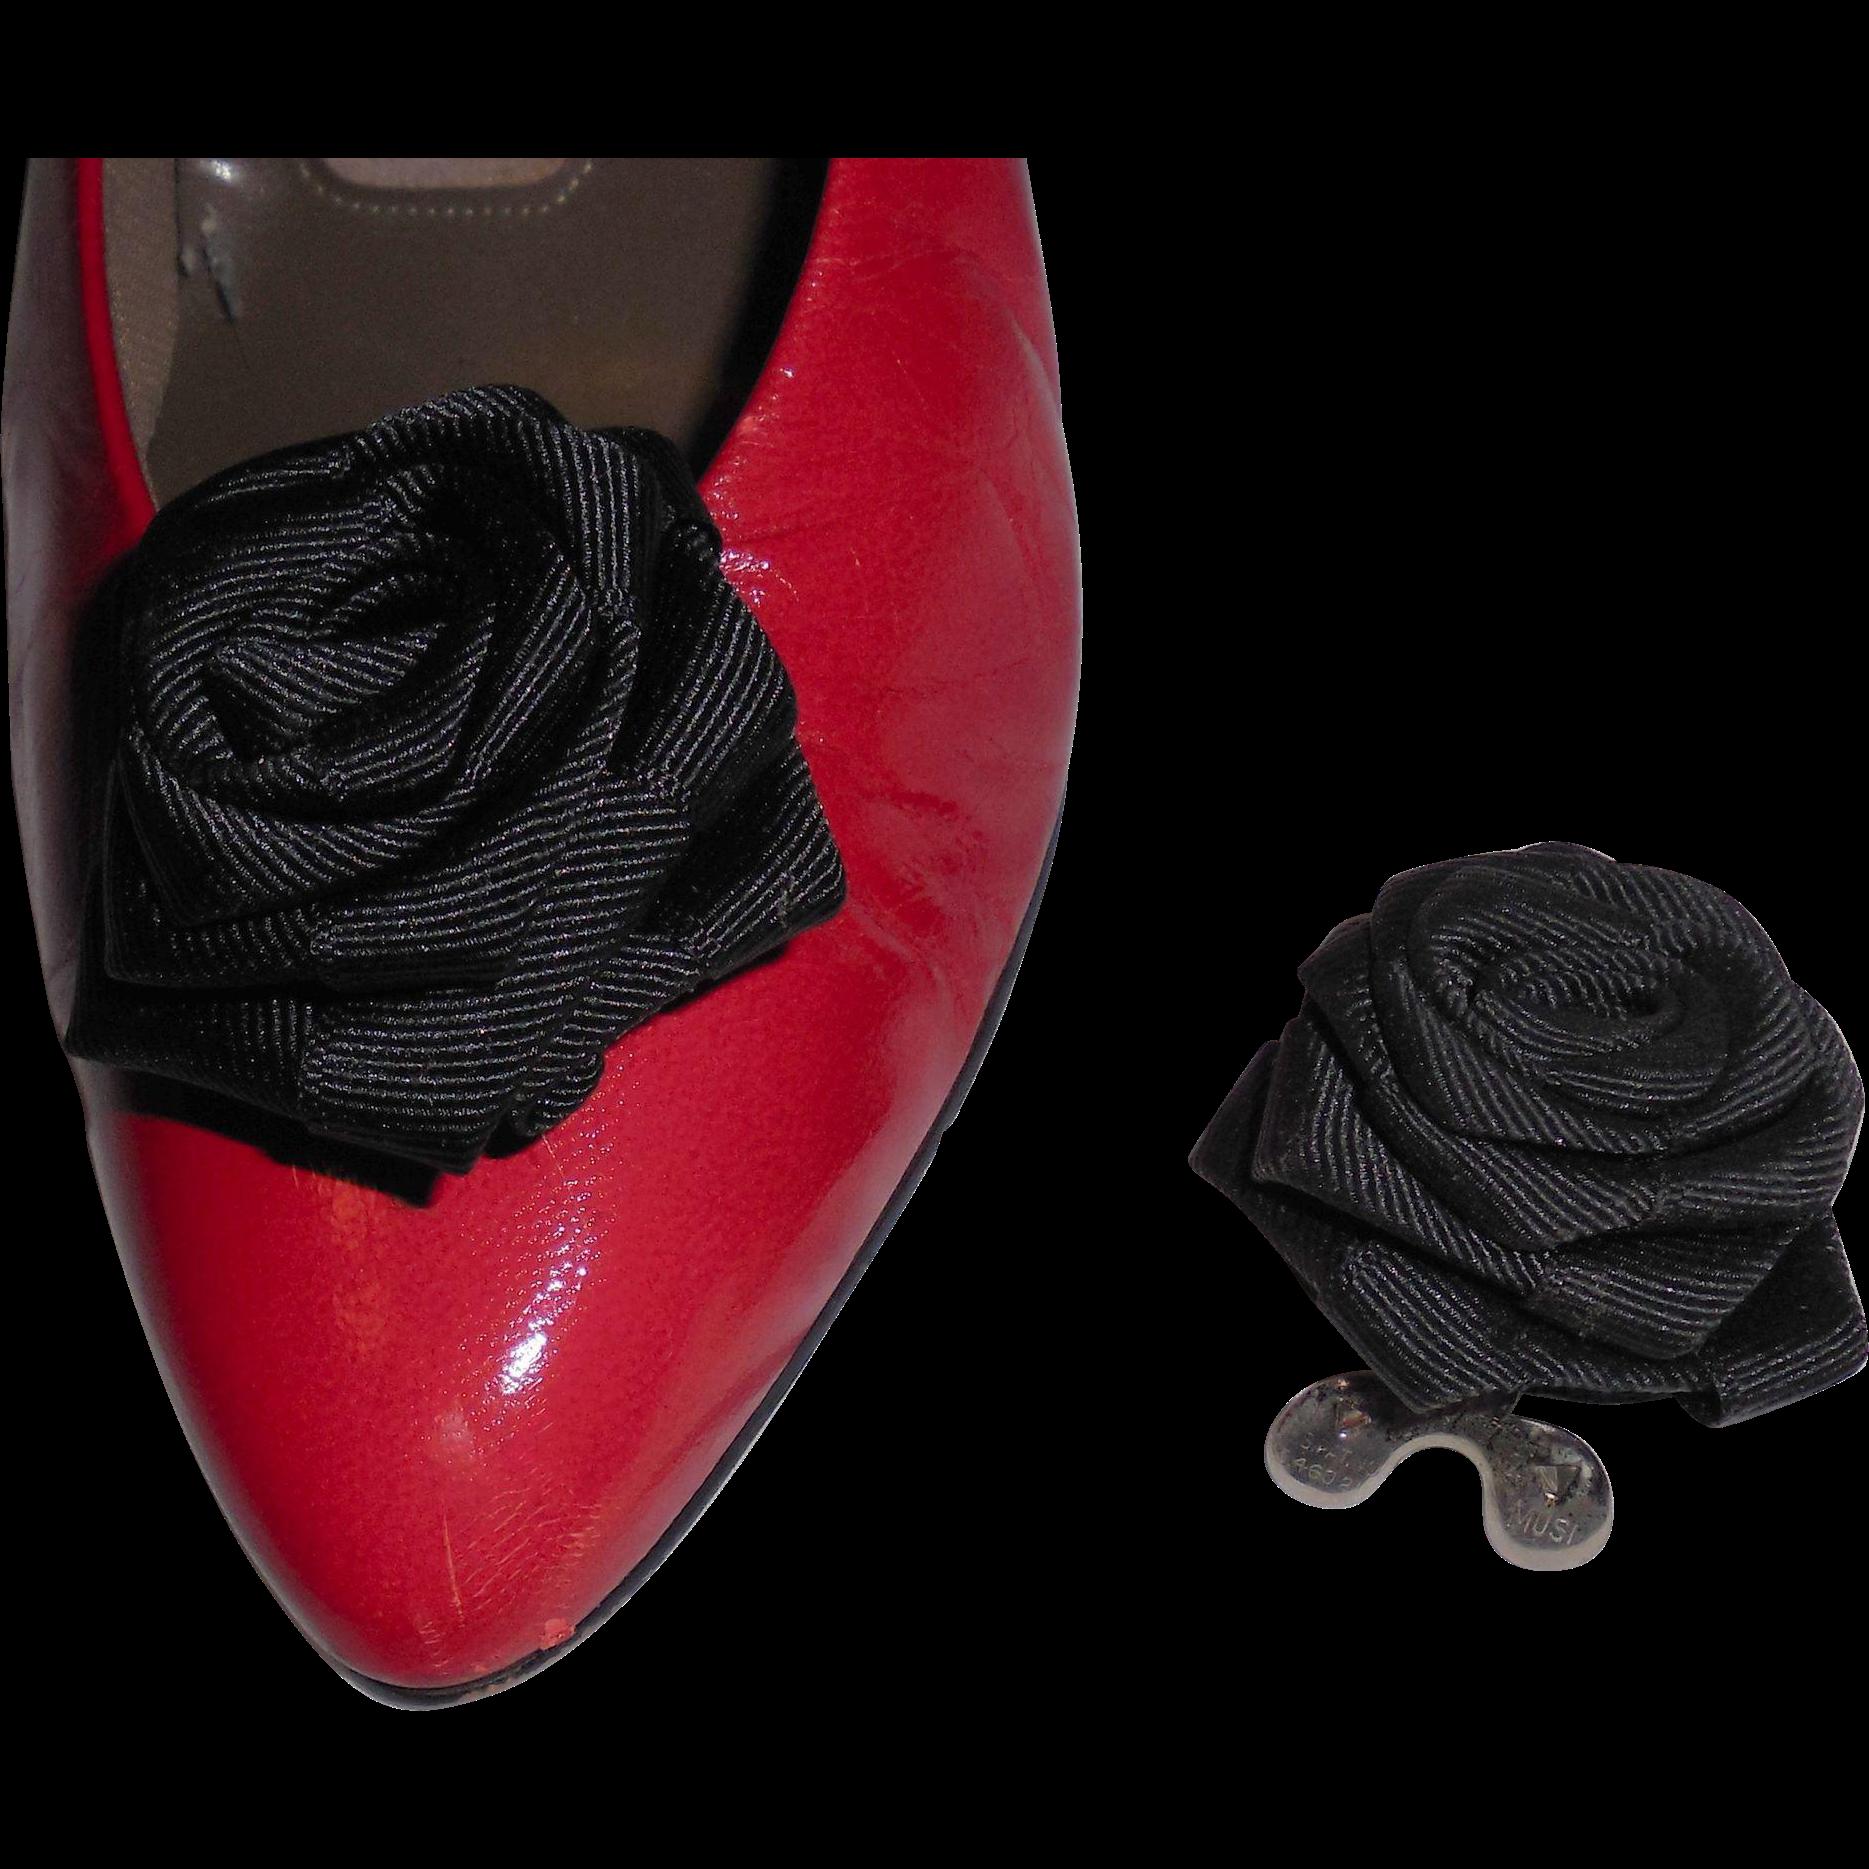 MUSI Shoe Clip – Black Faille Flower